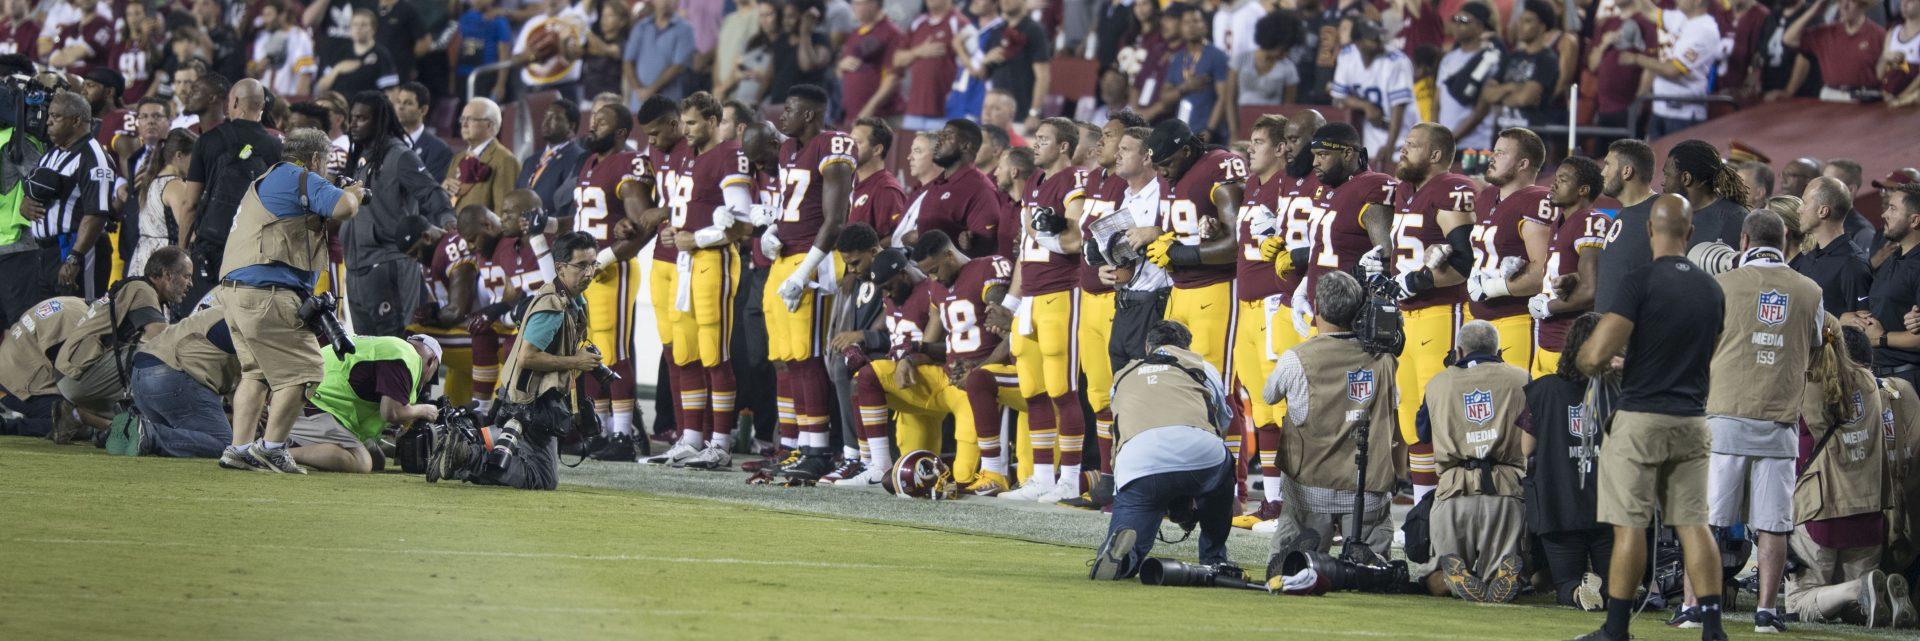 Washington_Redskins_National_Anthem_Kneeling_37301887651.jpg